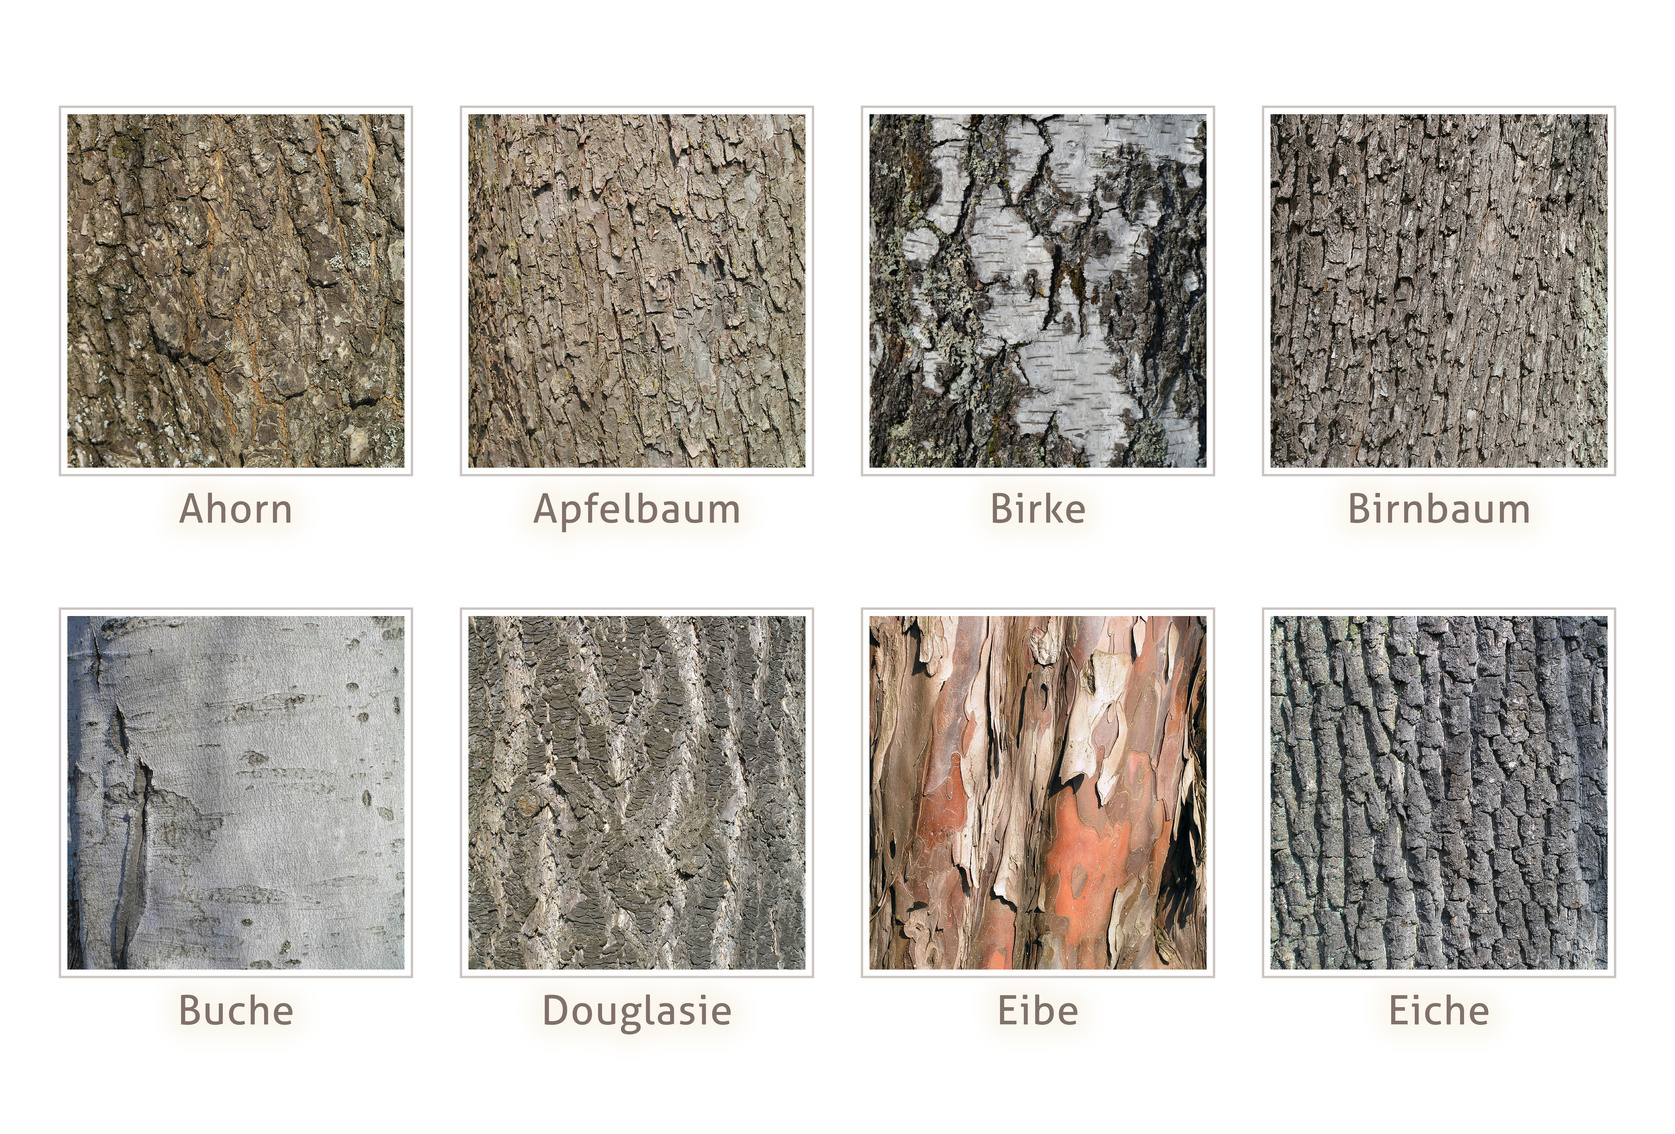 Holzarten Erkennen holzarten eigenschaften aussehen und herkunft theo schrauben